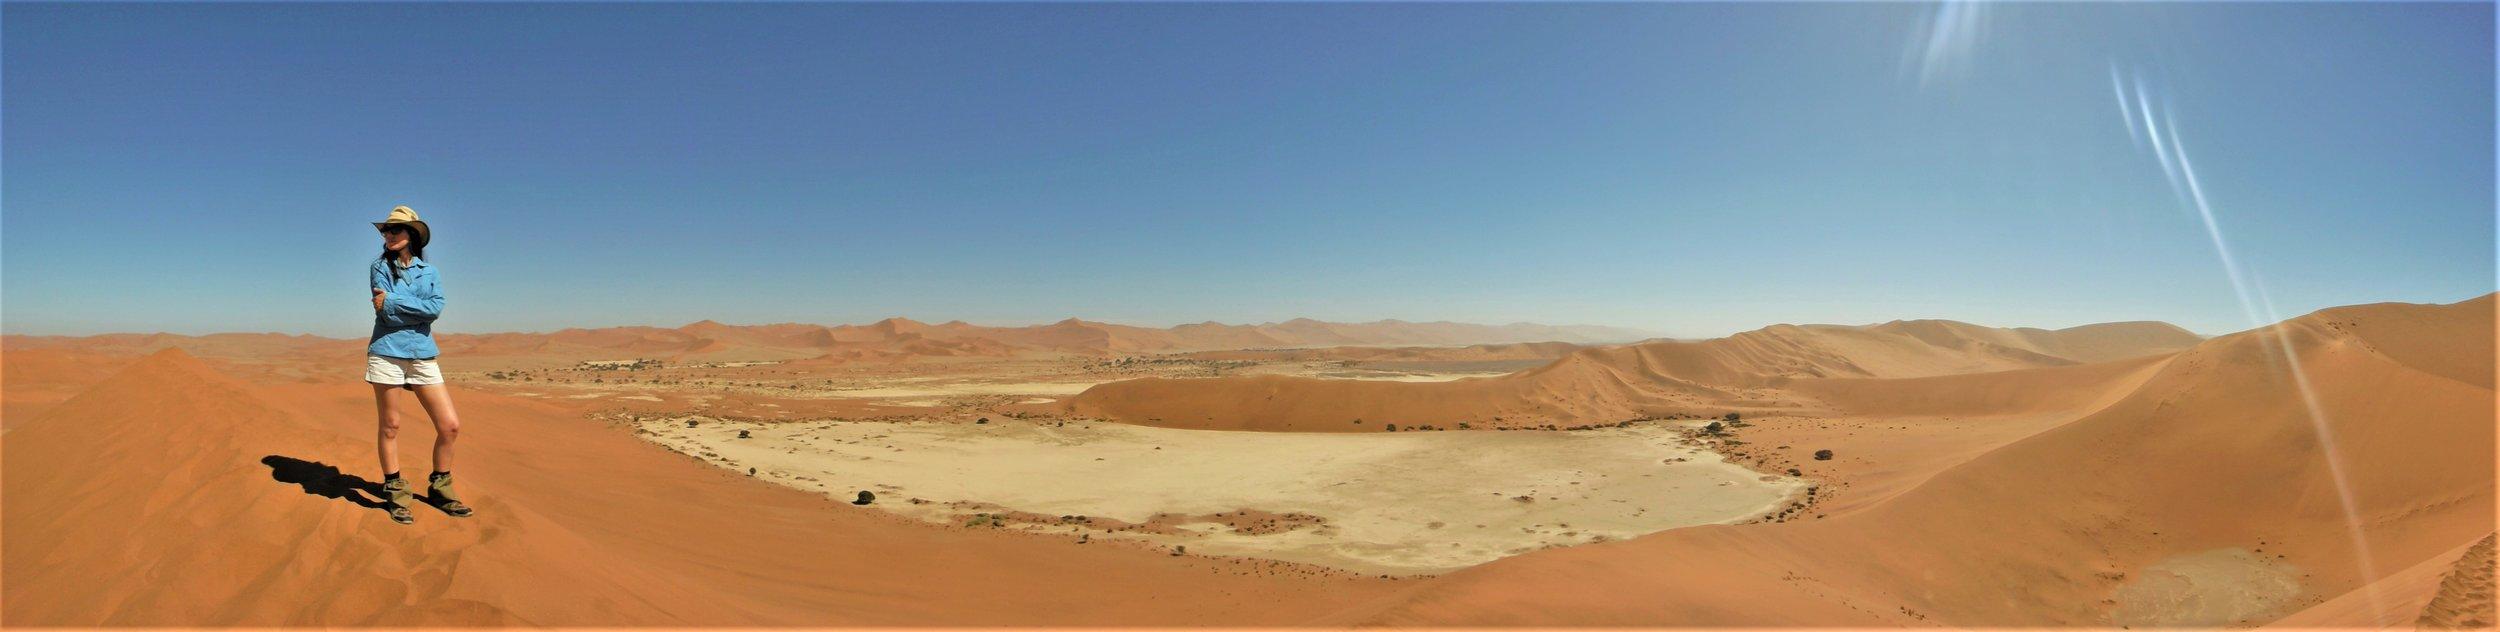 """2016 - Hiking """"Big Daddy"""" dune in Sossusvlei, Namibia"""